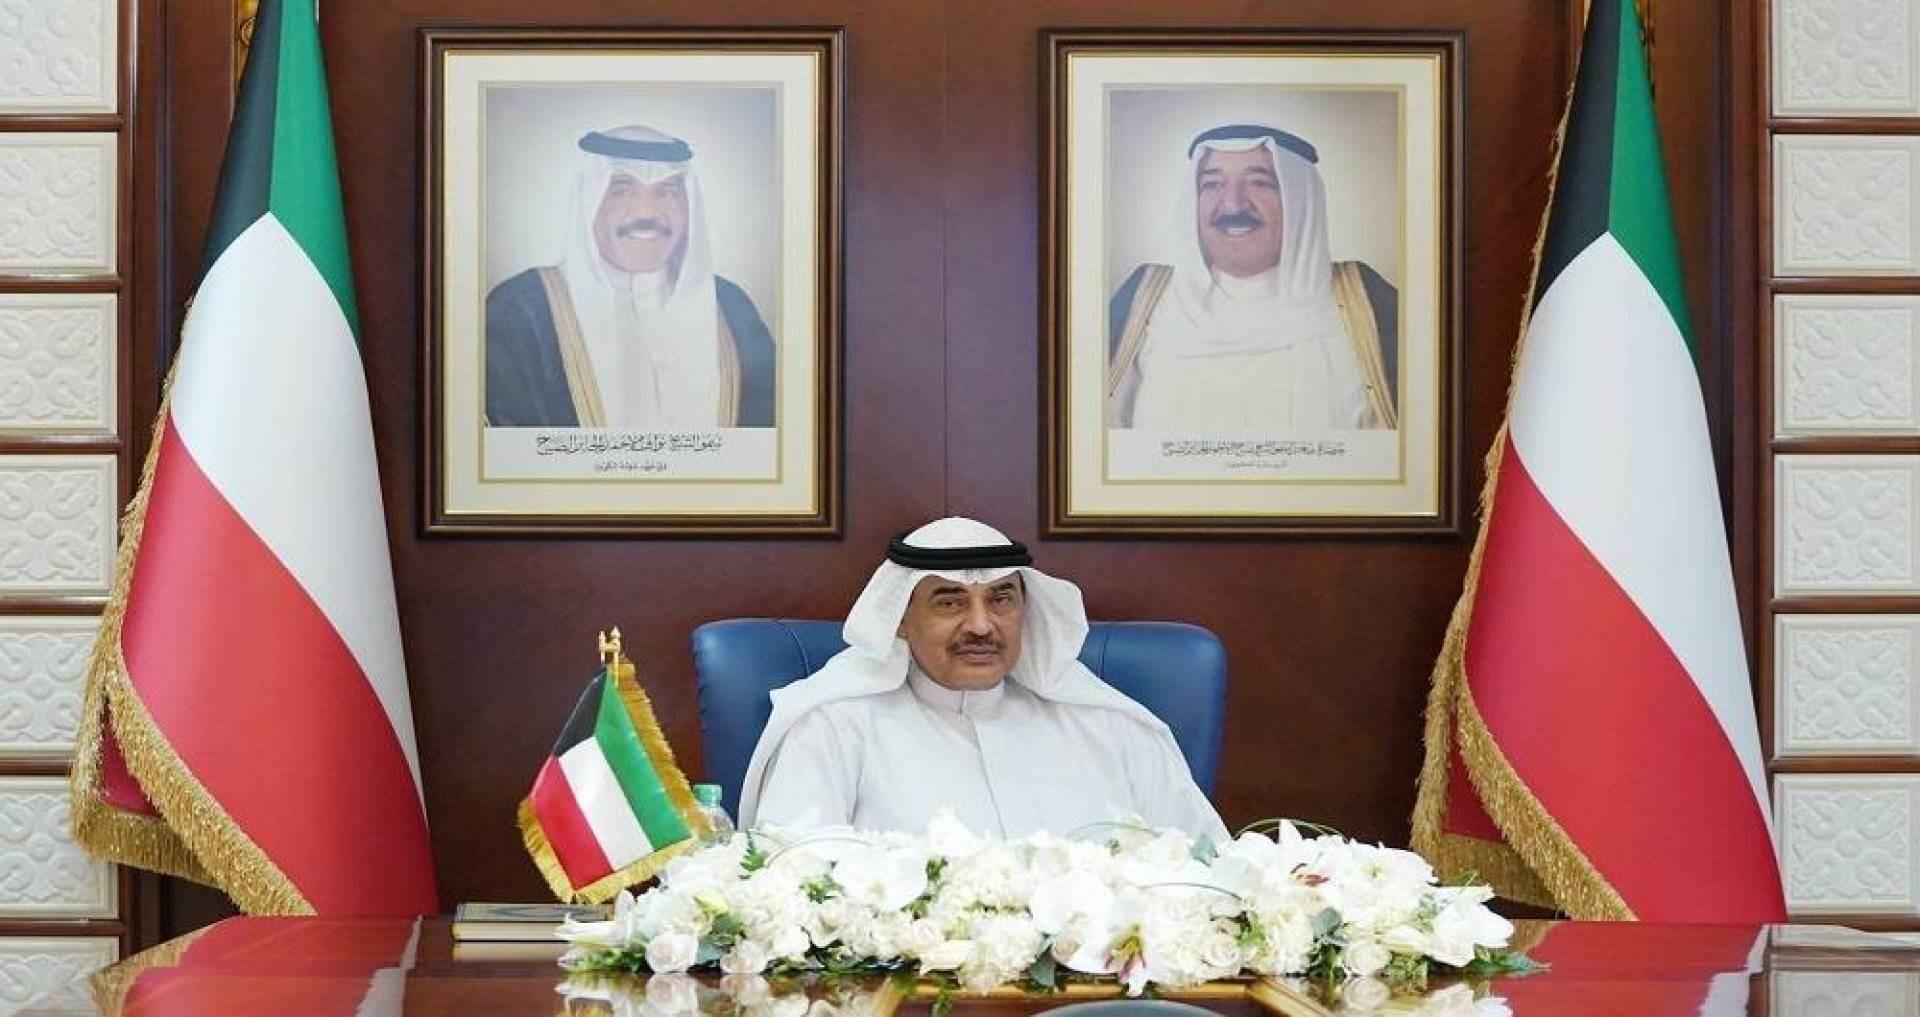 الكويت تكذّب ادعاءات ترامب: فلسطين قضيتنا الأولى